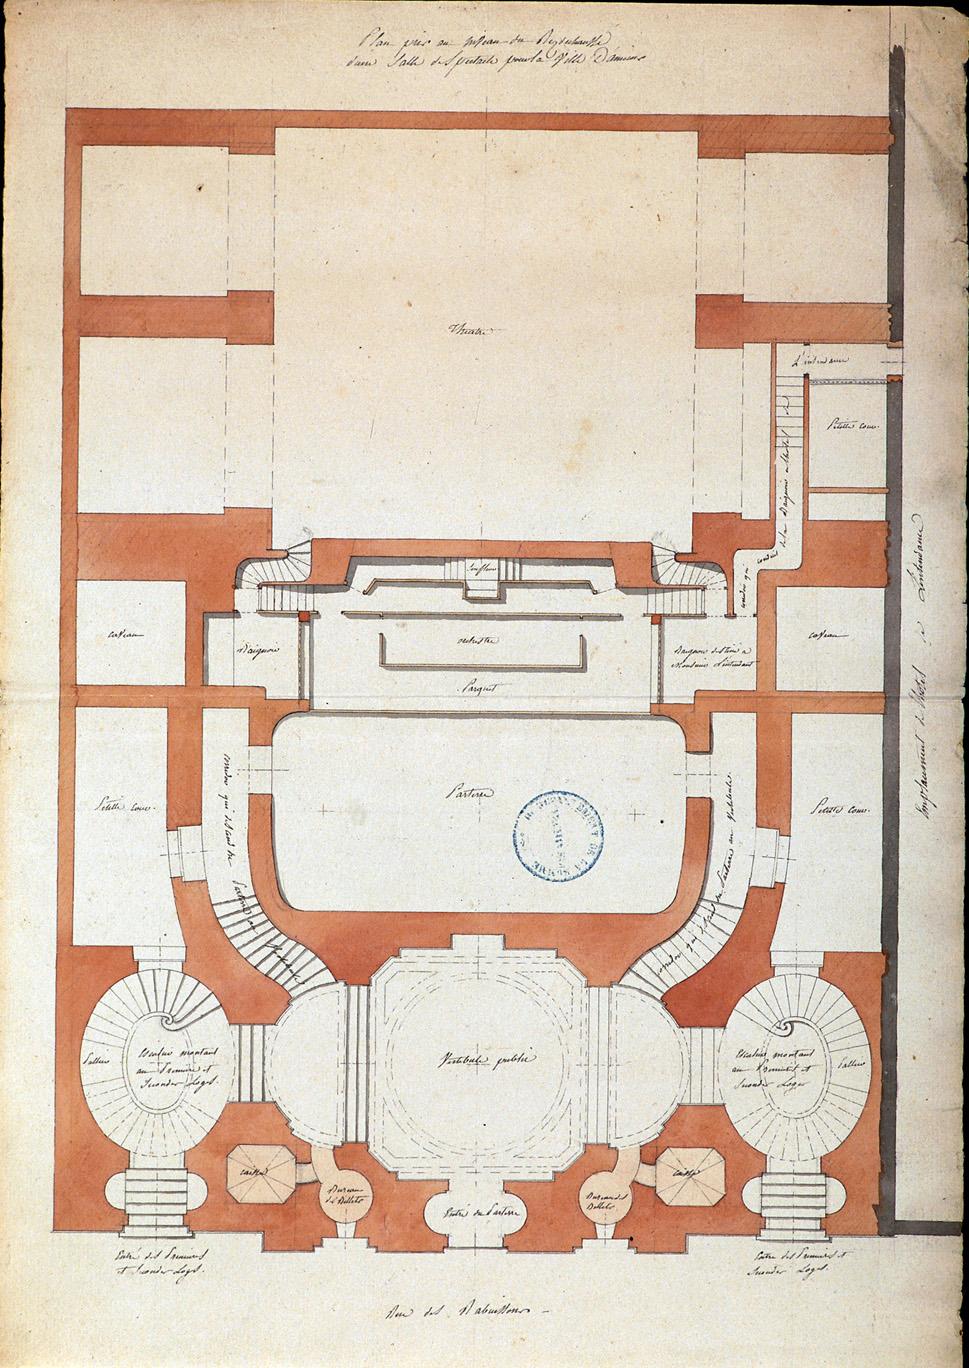 Plan pris au niveau du rez-de-chaussée d'une salle de spectacle pour la ville d'Amiens